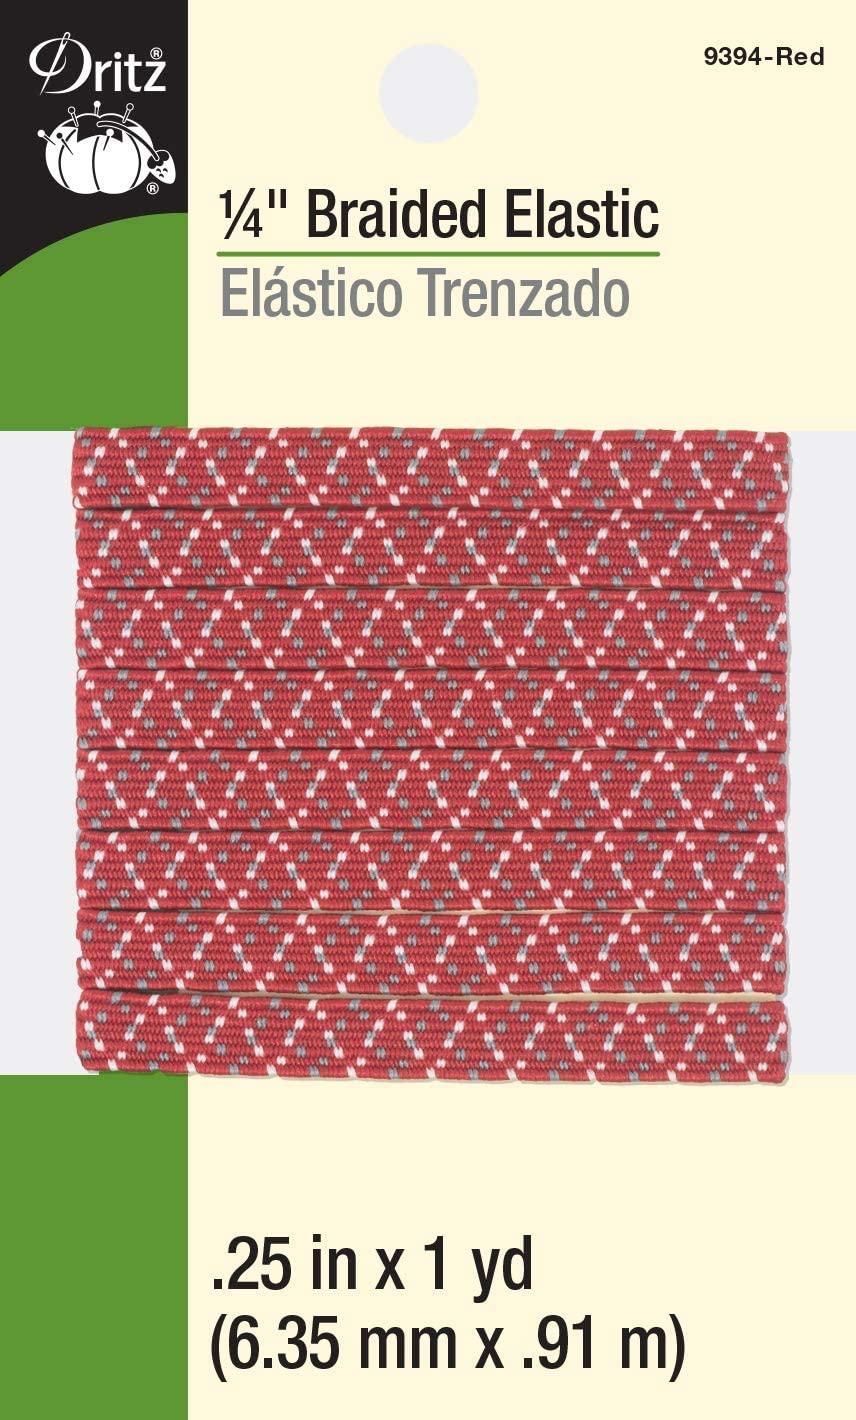 Dritz Braided Elastic, 1/4-Inch by 1-Yard, Red Multi